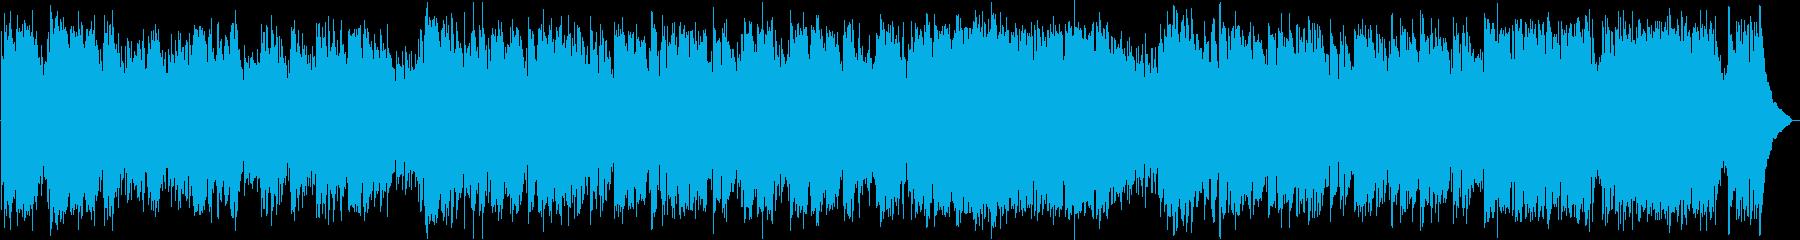 イタリア郊外風の3拍子BGMアレンジ版の再生済みの波形